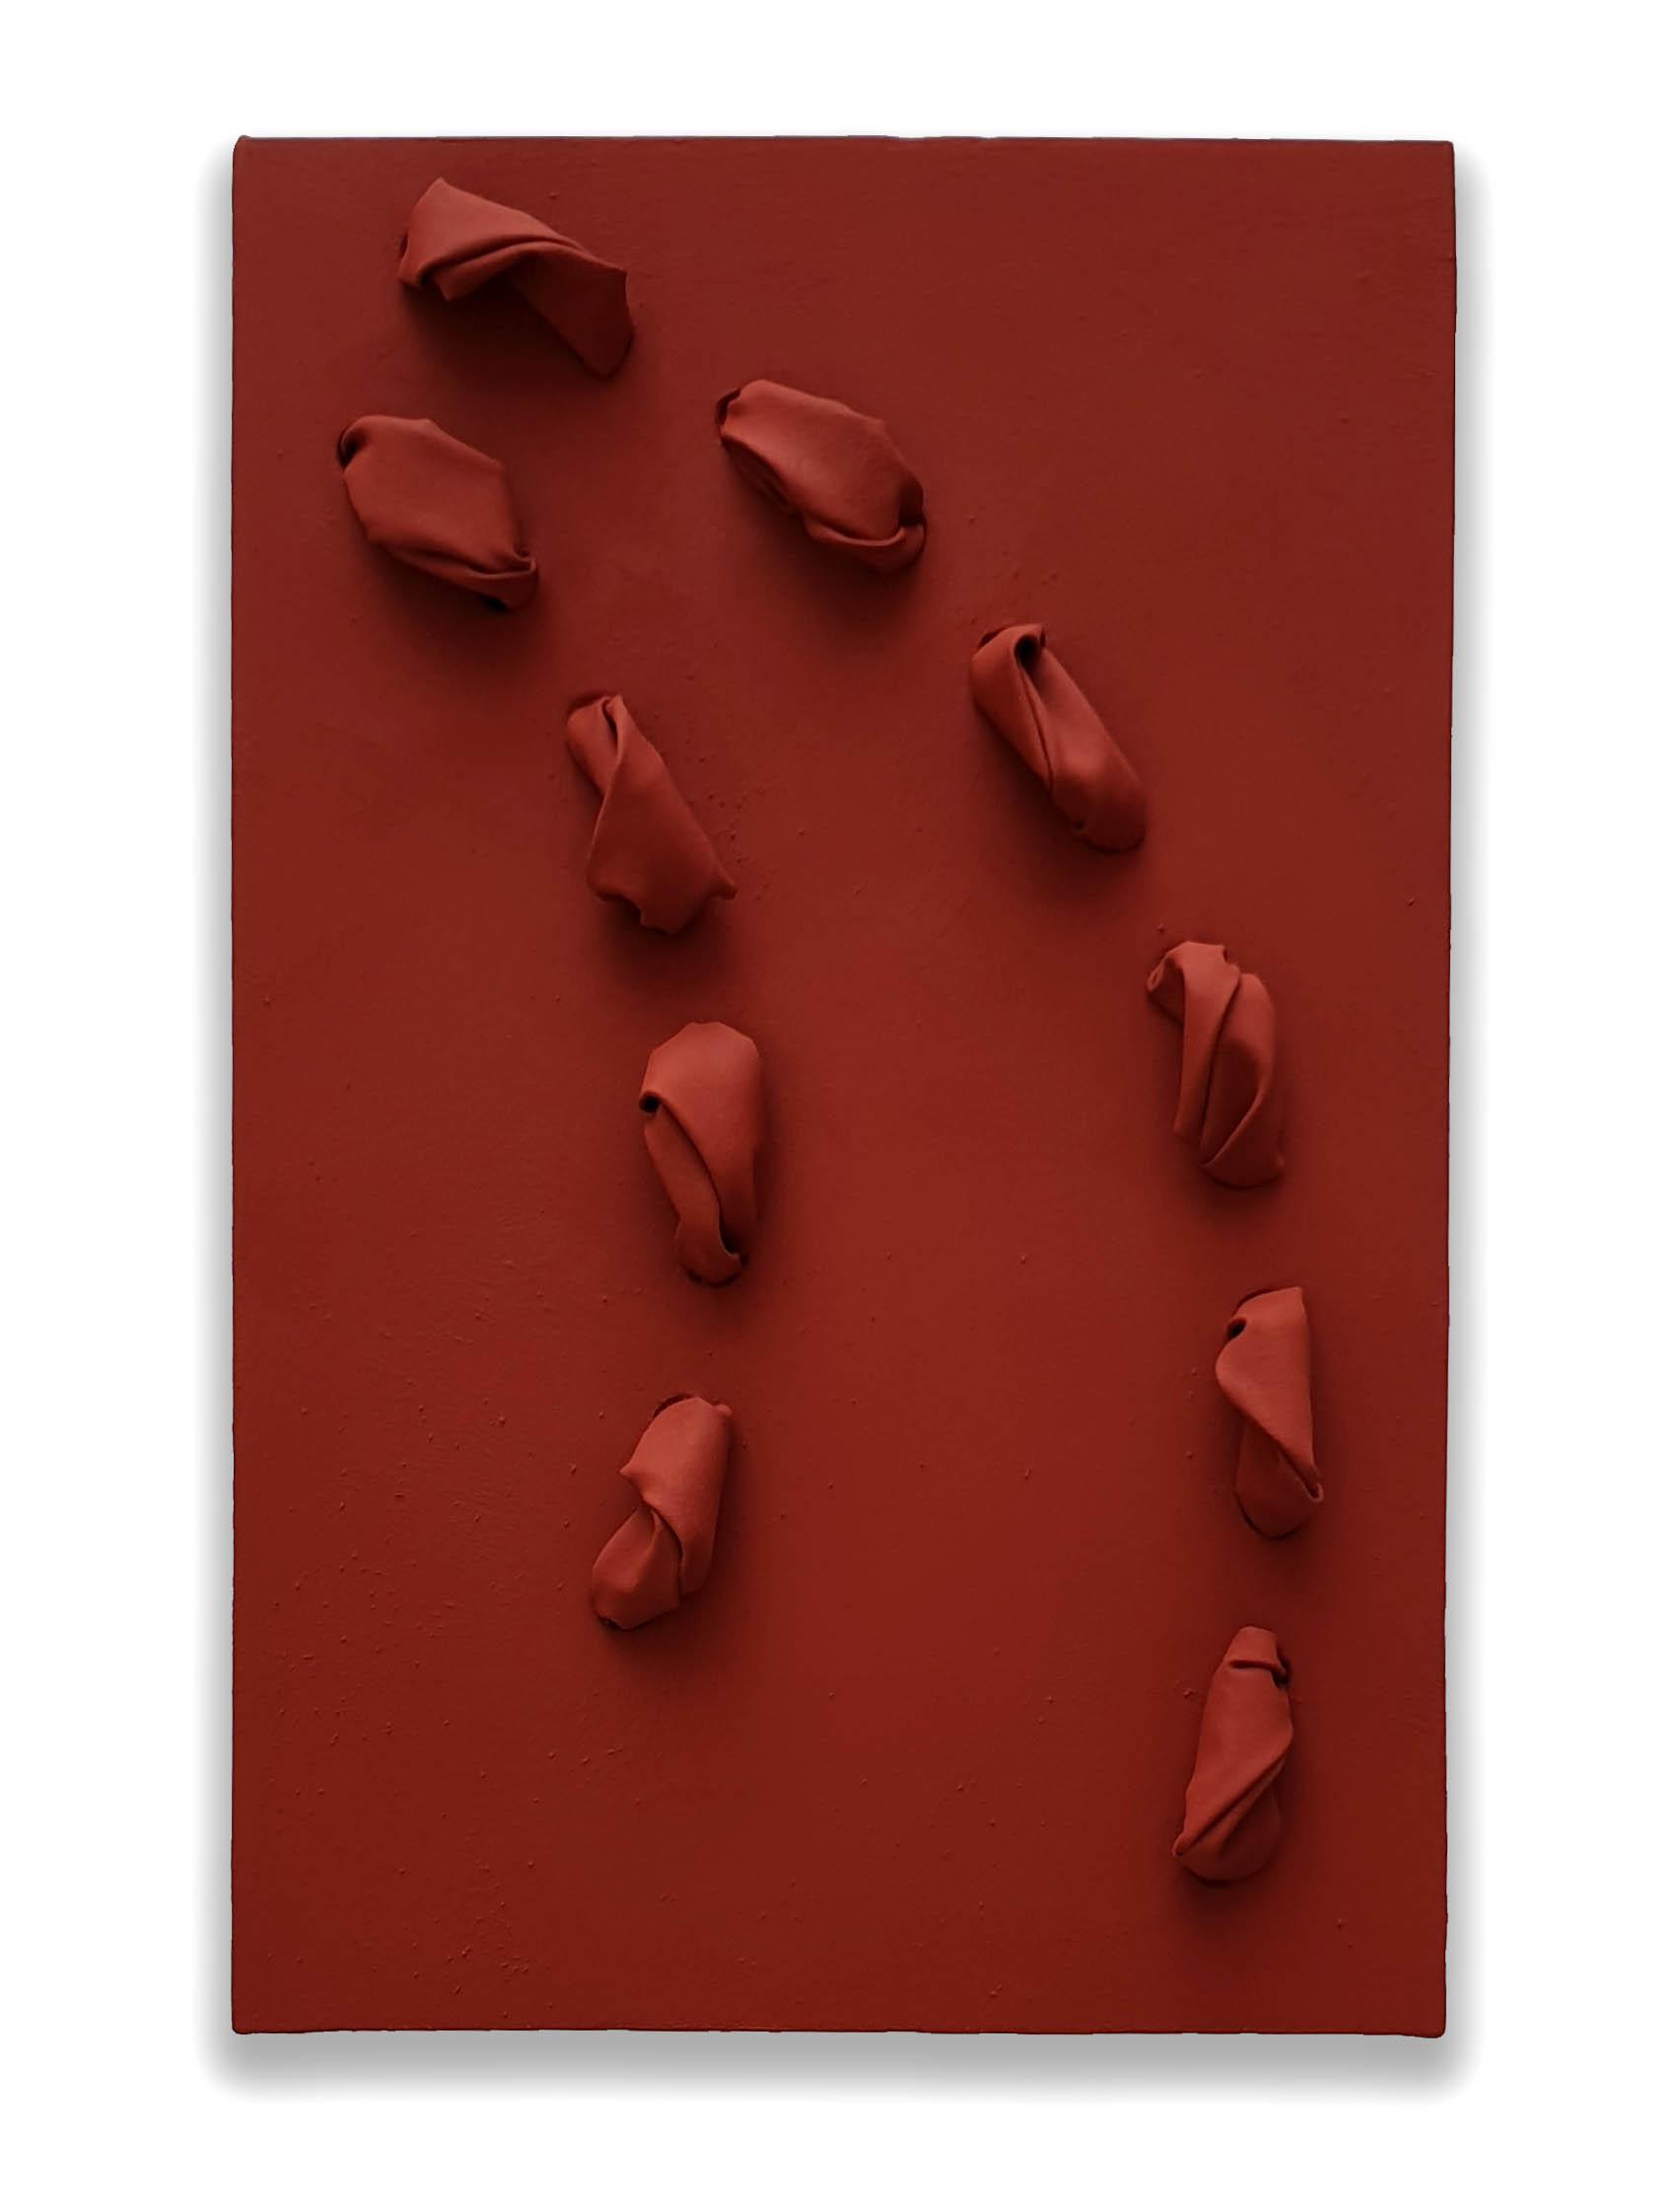 Venetian  - 2019  Pigmento acrilico su tela tesa su tavola  62 x 40 x 9,8 cm